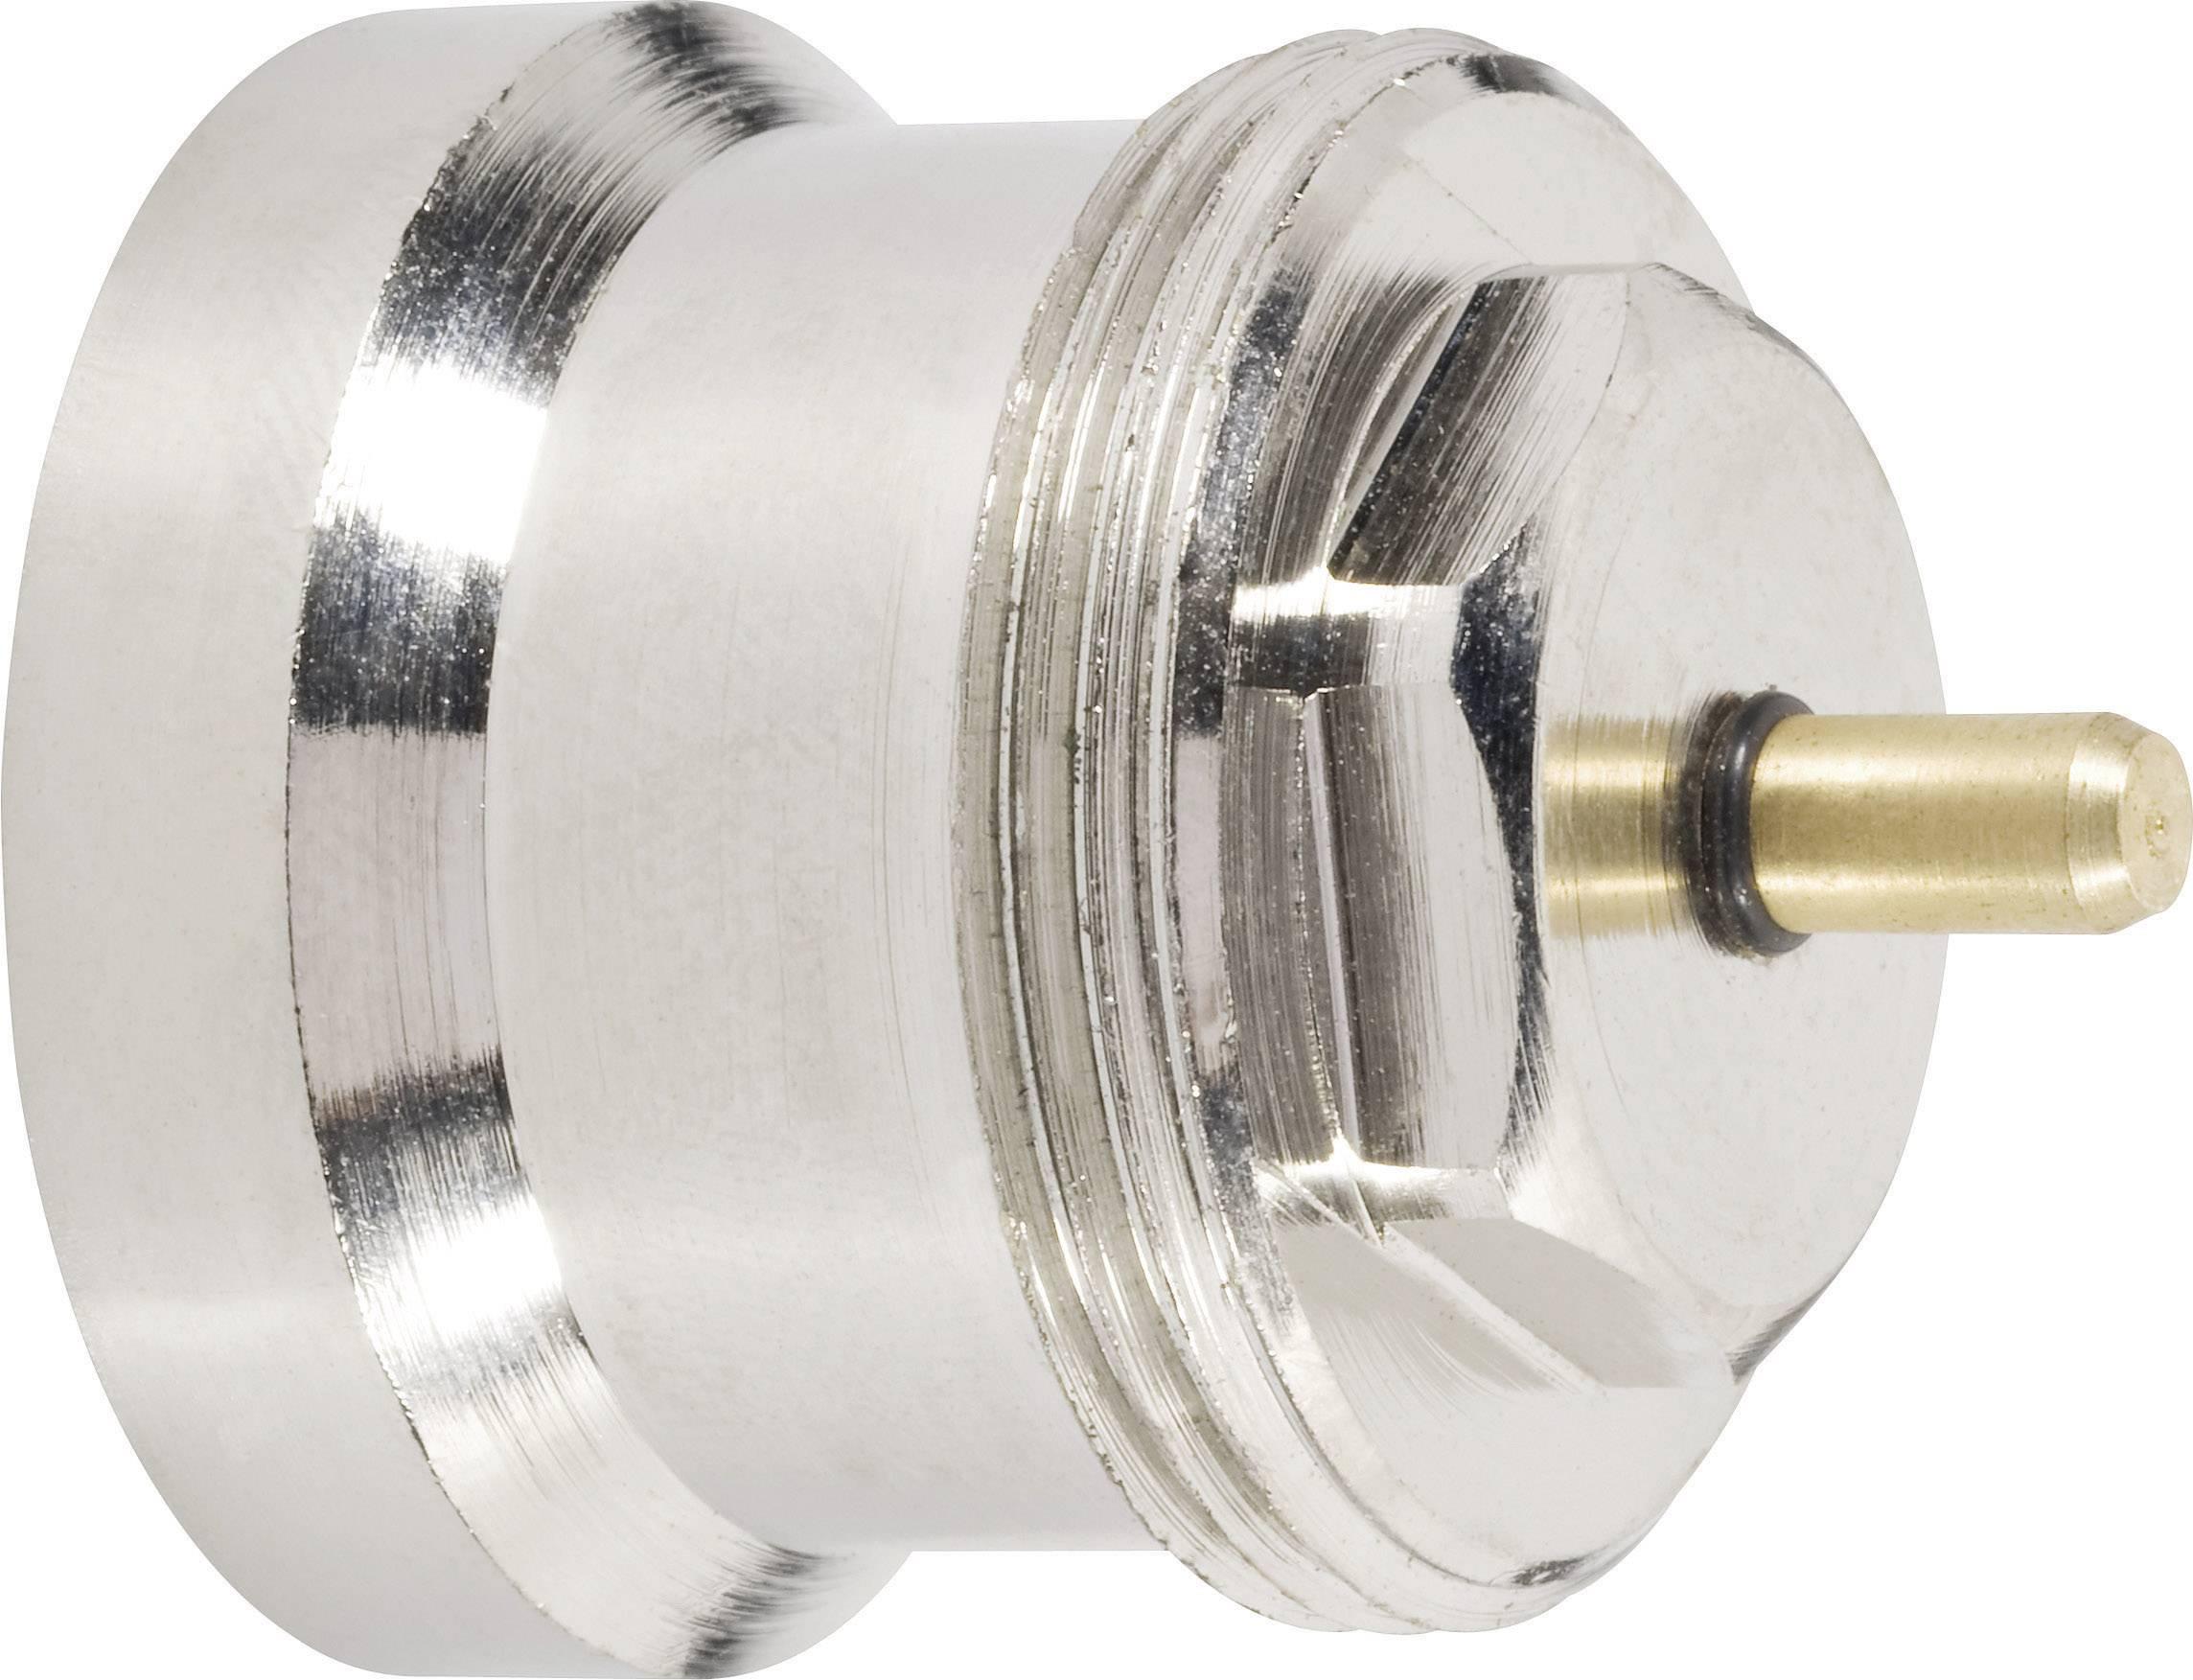 Mosazný adaptér termostatického ventilu Oventrop 700 100 002 vhodný pro topné těleso Oventrop, M30 x 1,0